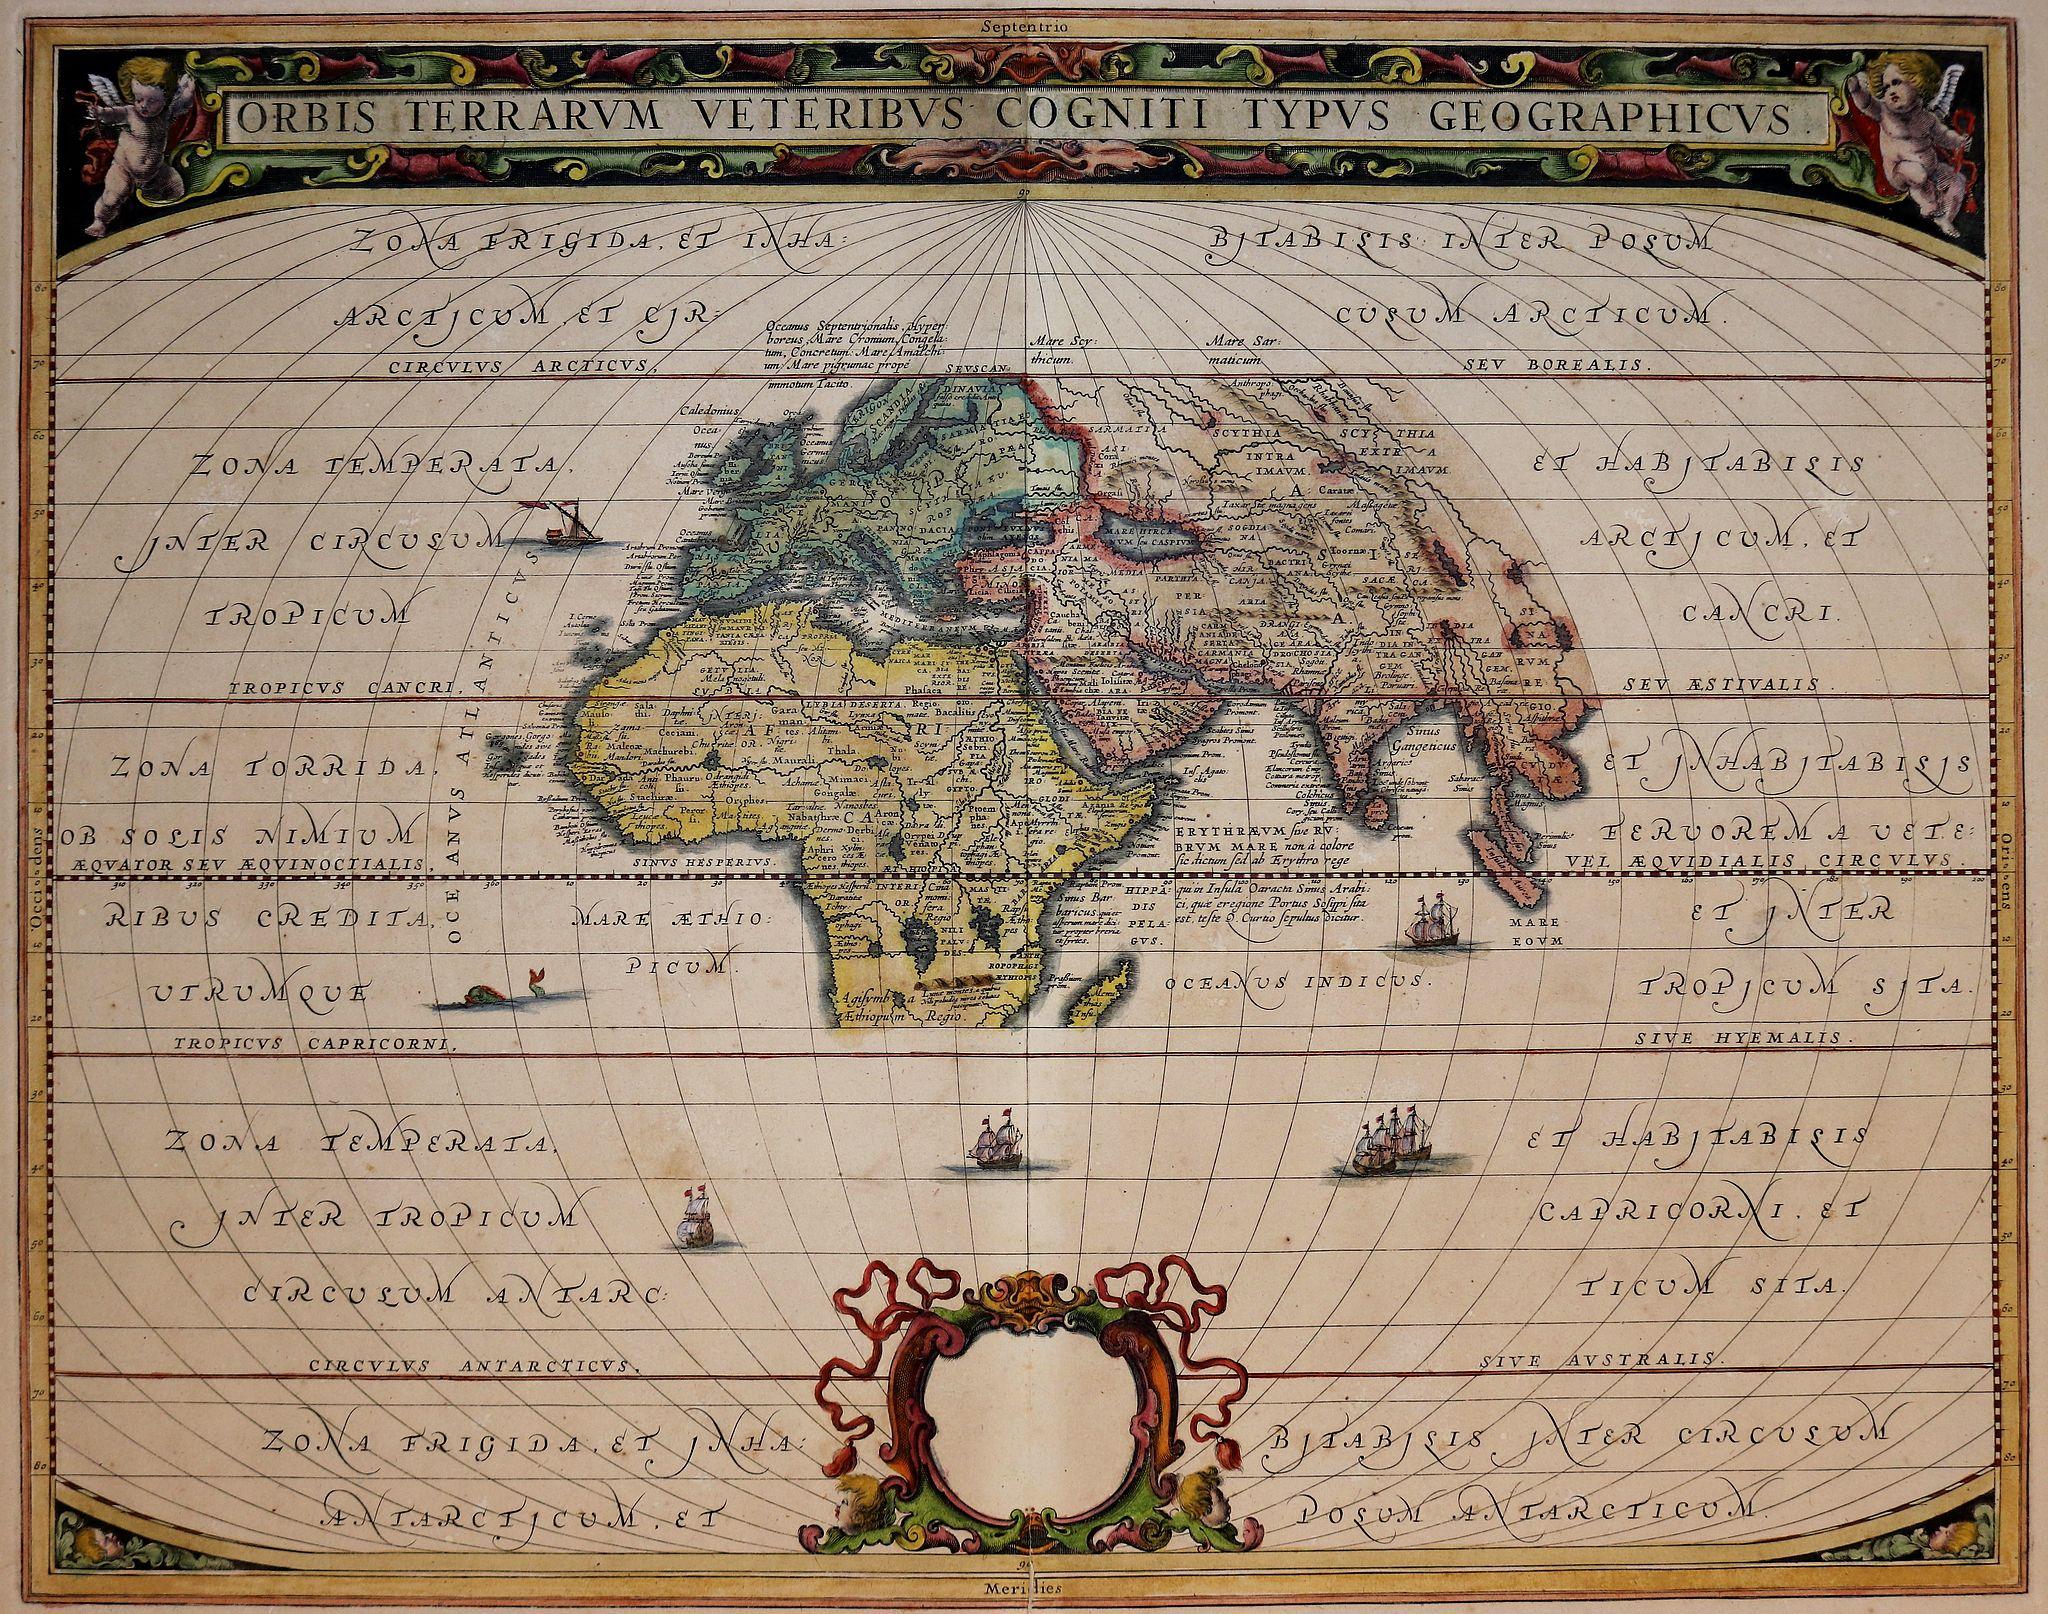 JANSSONIUS, J. - Orbis Terrarum Veteribus Cogniti Typus Geographicus.